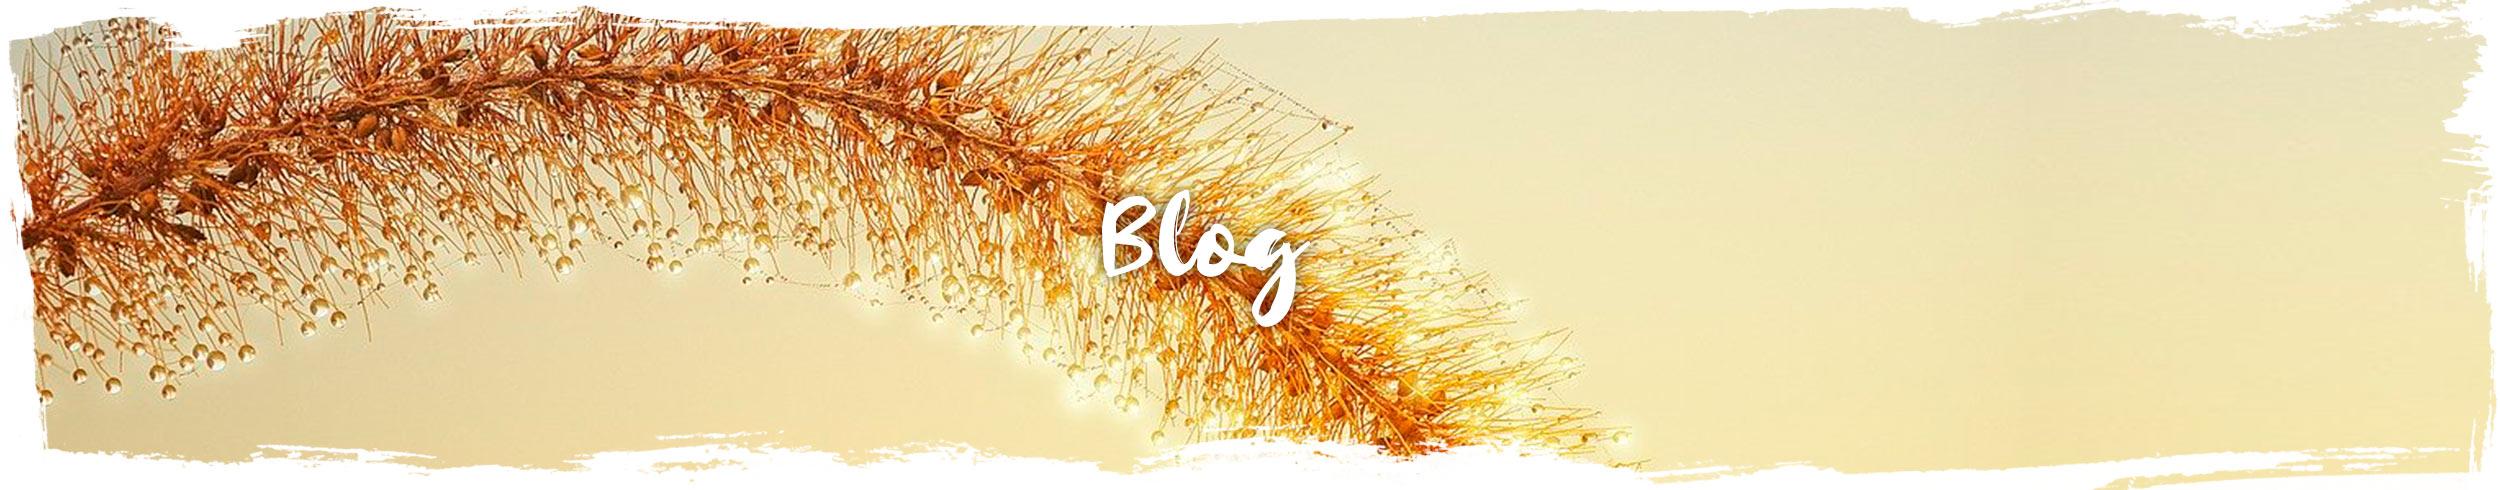 blog-yogamemucho